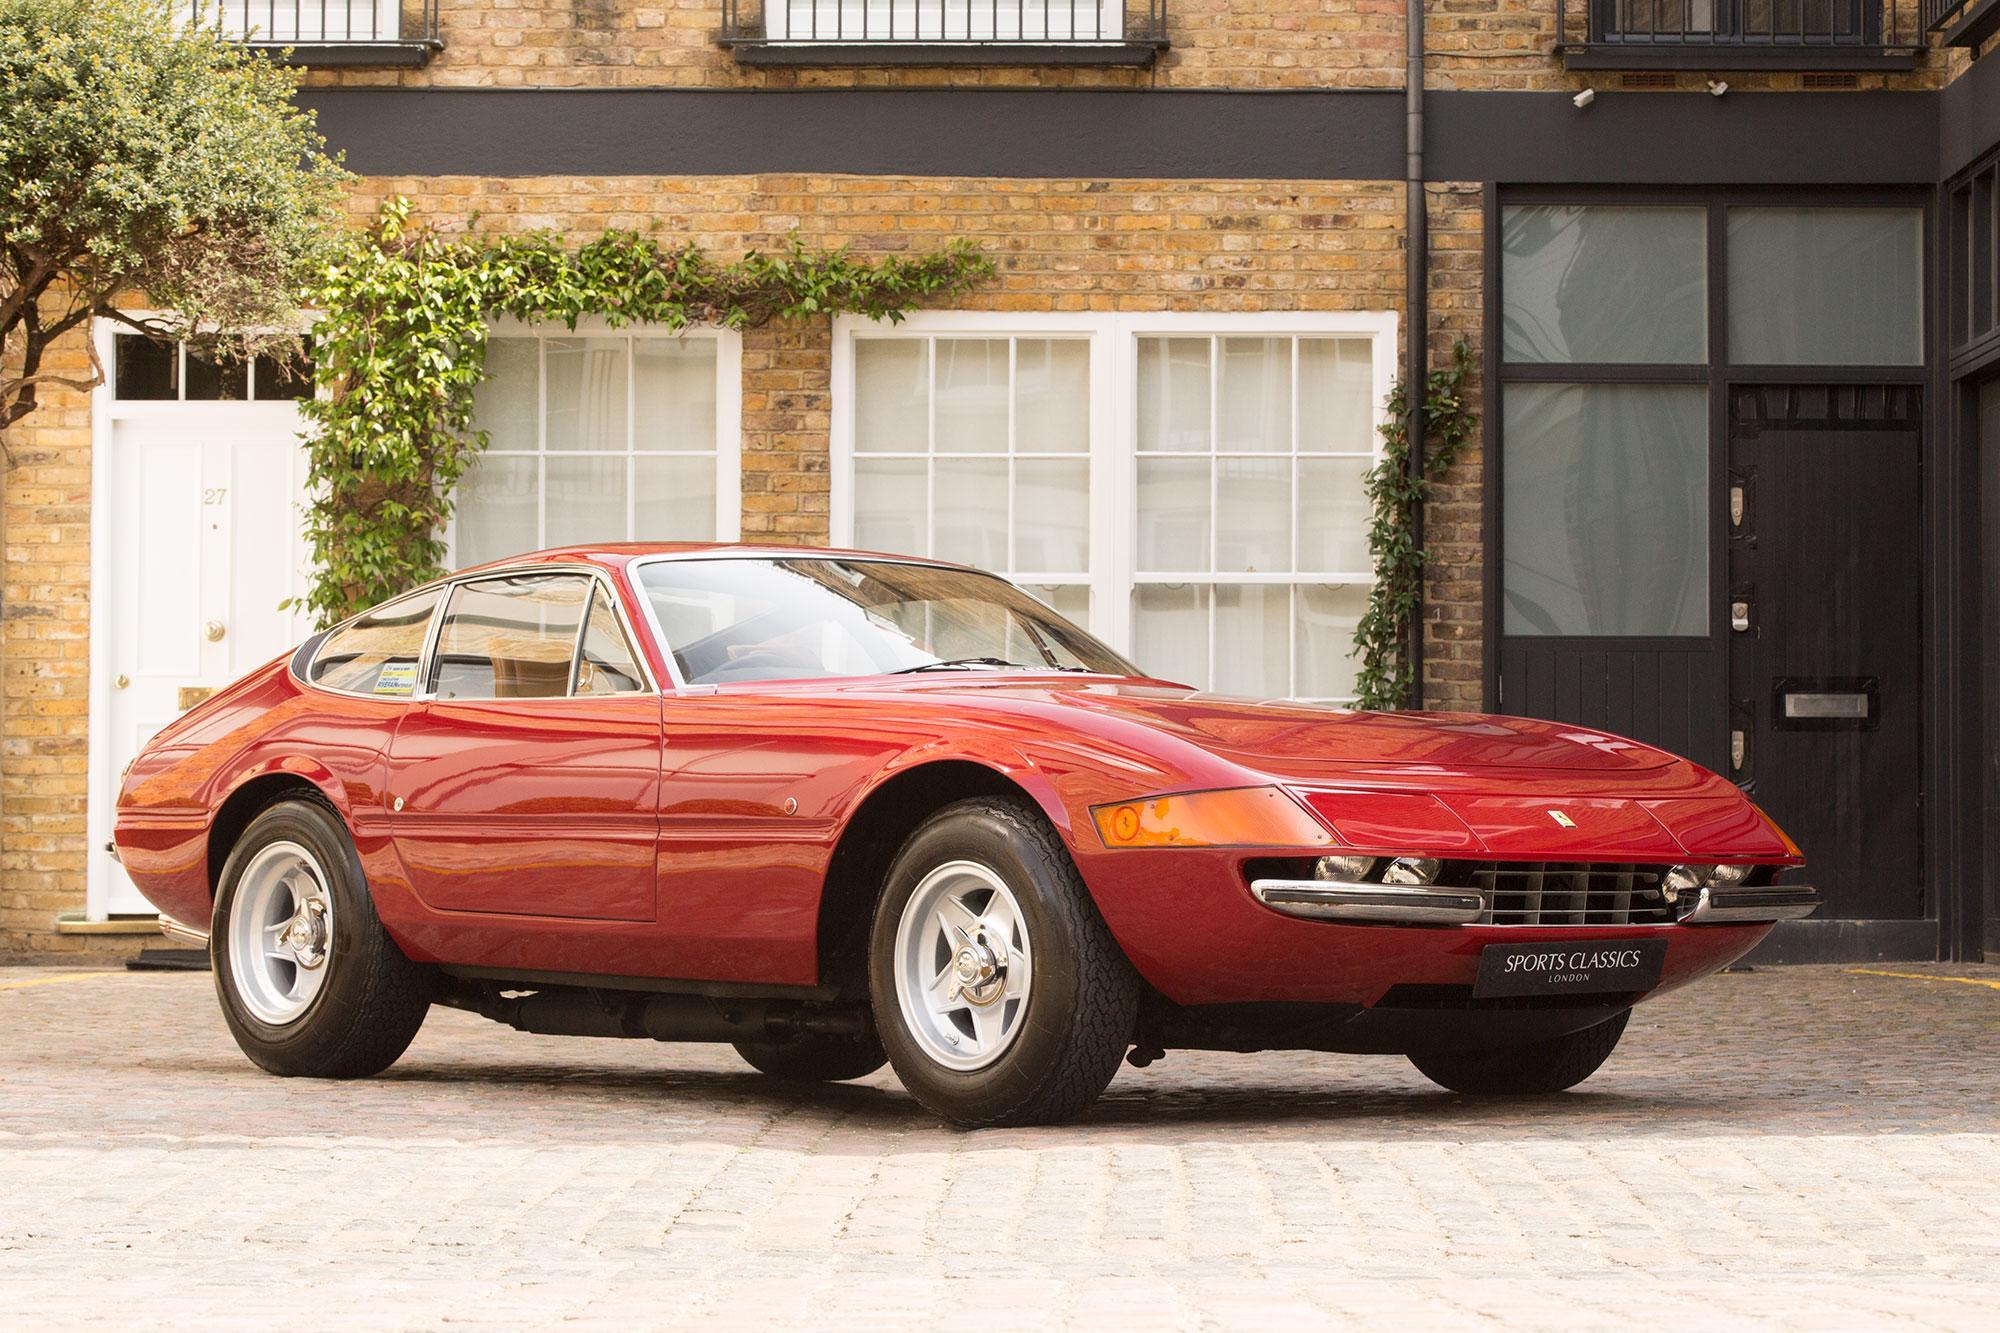 1972 Ferrari Daytona 365 GTB/4